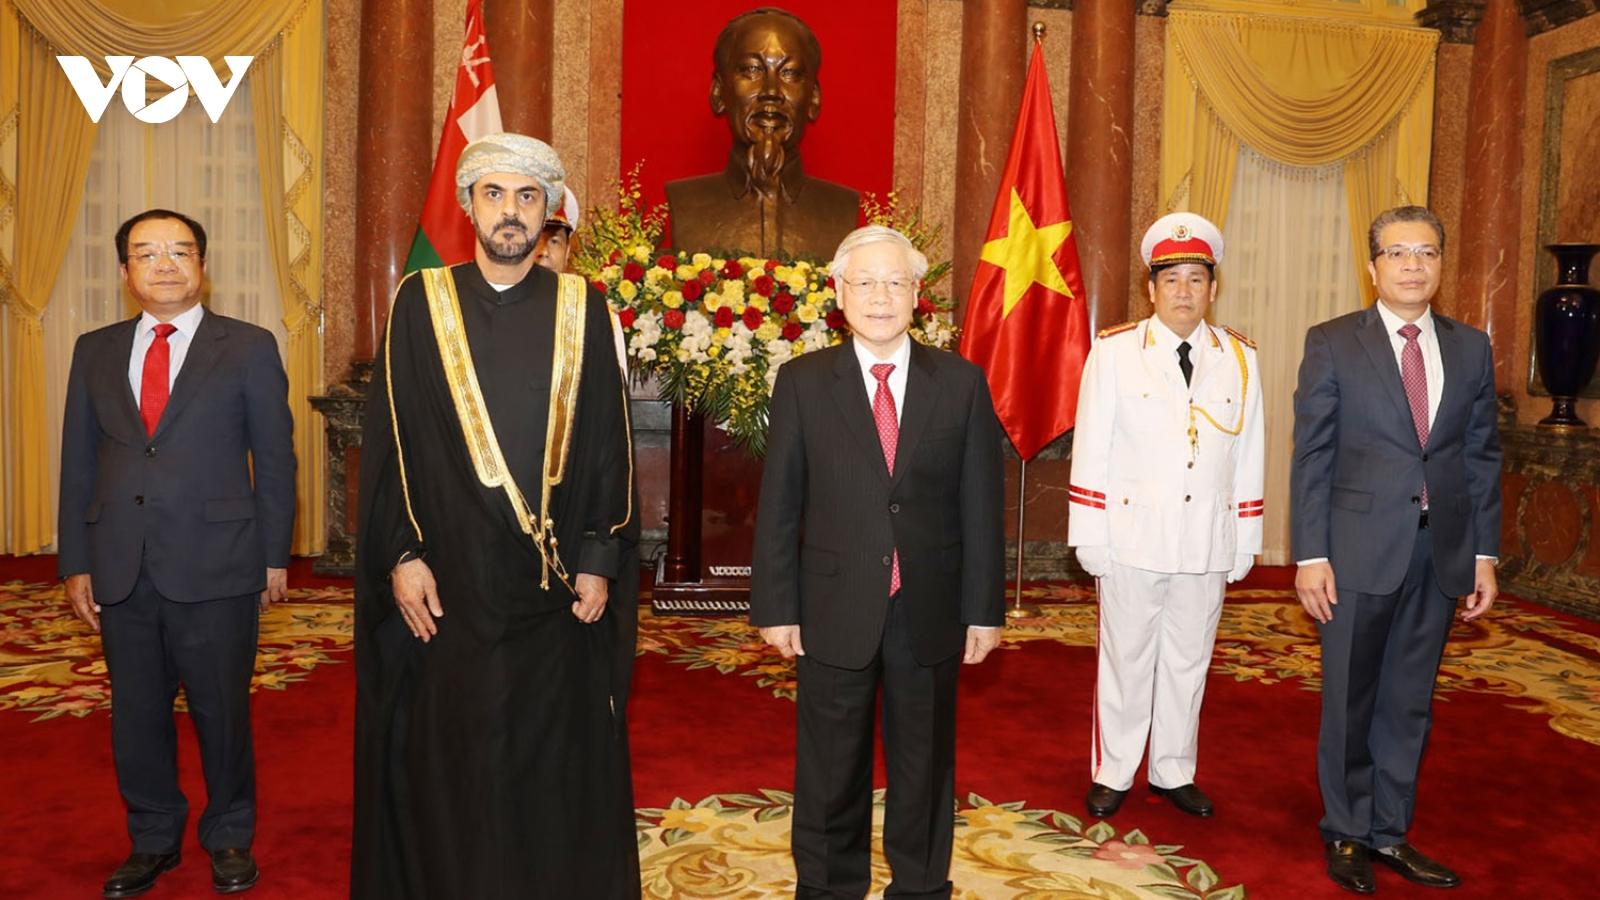 Tổng Bí thư, Chủ tịch nước gửi điện mừng Quốc khánh Oman